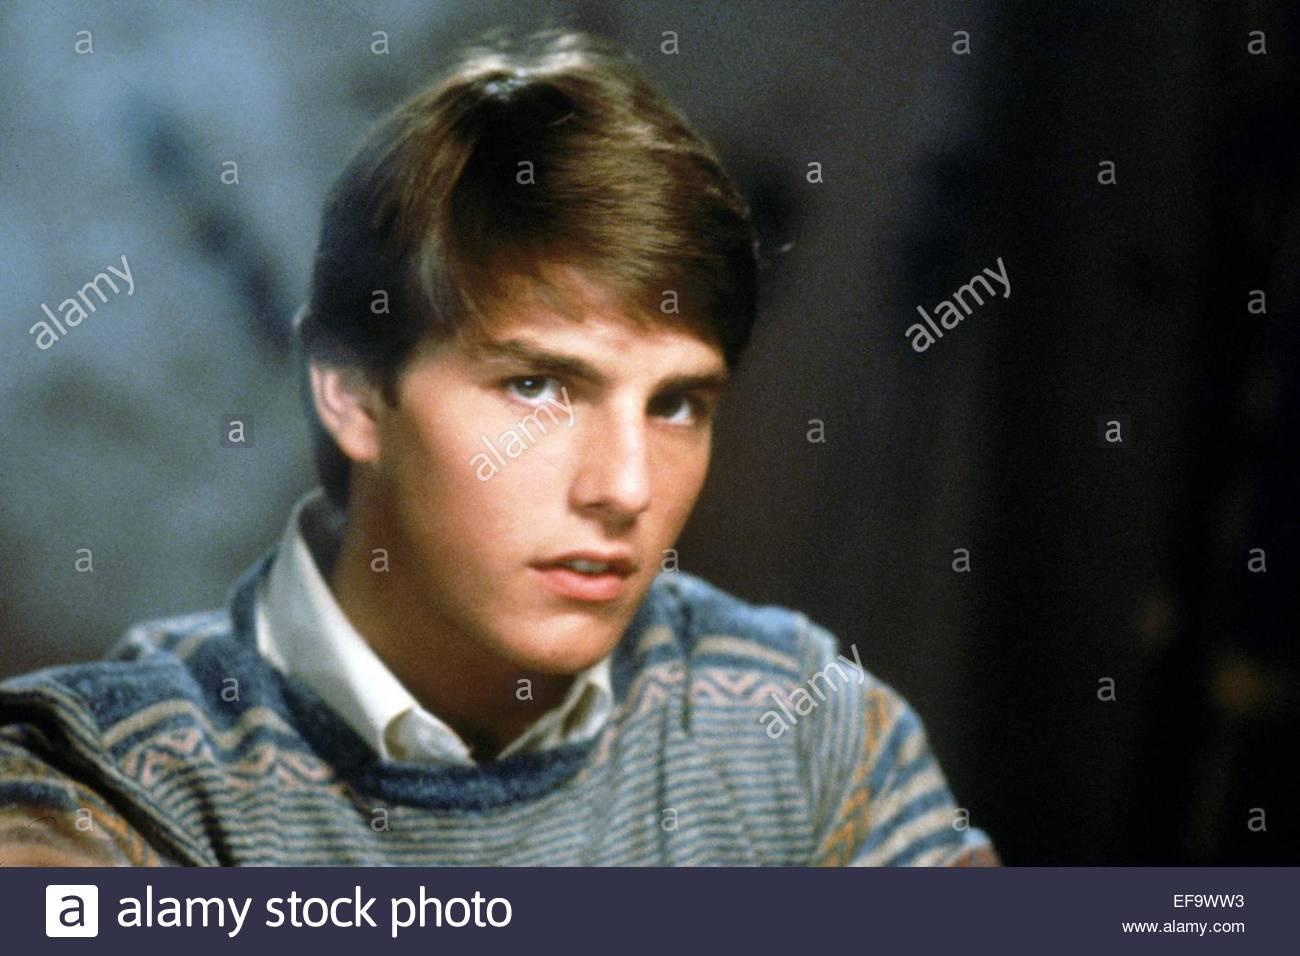 Tom Cruise Risky Business Stock Photos Tom Cruise Risky Business 1300x956